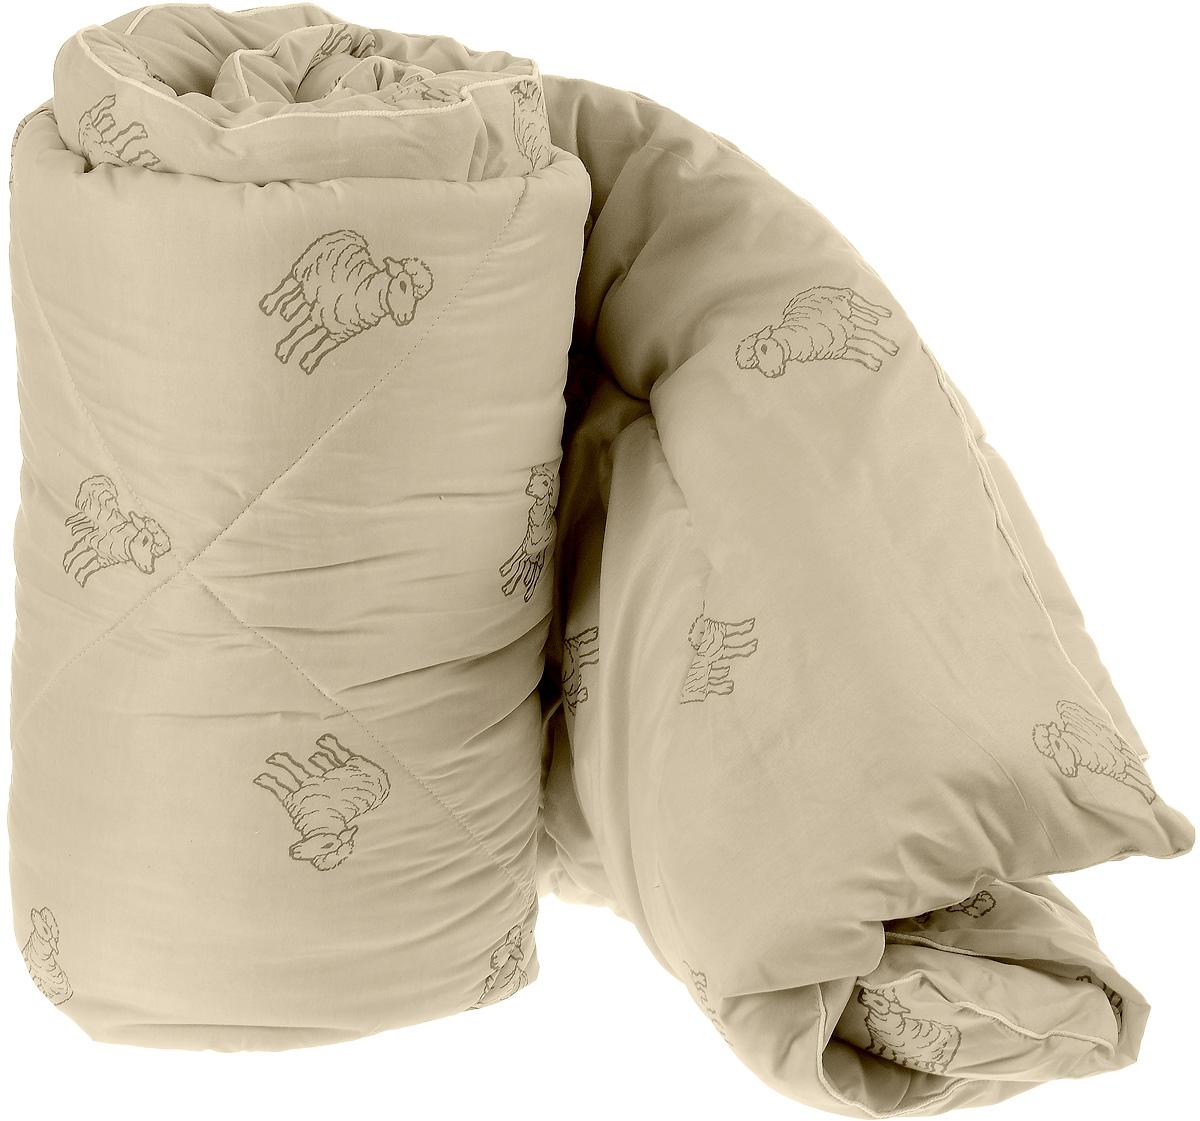 Одеяло теплое Легкие сны Золотое руно, наполнитель: овечья шерсть, цвет: бежевый, 200 х 220 см200(32)05-ОШП_бежевый с овечкамиТеплое стеганое одеяло Легкие сны Золотое руно с наполнителем из овечьей шерсти расслабит, снимет усталость и подарит вам спокойный и здоровый сон. Шерстяные волокна, получаемые из овечьей шерсти, имеют полую структуру, придающую изделиям высокую износоустойчивость.Чехол одеяла, выполненный из смесовой ткани отлично пропускает воздух, создавая эффект сухого тепла. Одеяло простегано. Стежка надежно удерживает наполнитель внутри и не позволяет ему скатываться.Уважаемые клиенты!Обращаем ваше внимание на цветовой ассортимент товара. Поставка осуществляется в зависимости от наличия на складе.